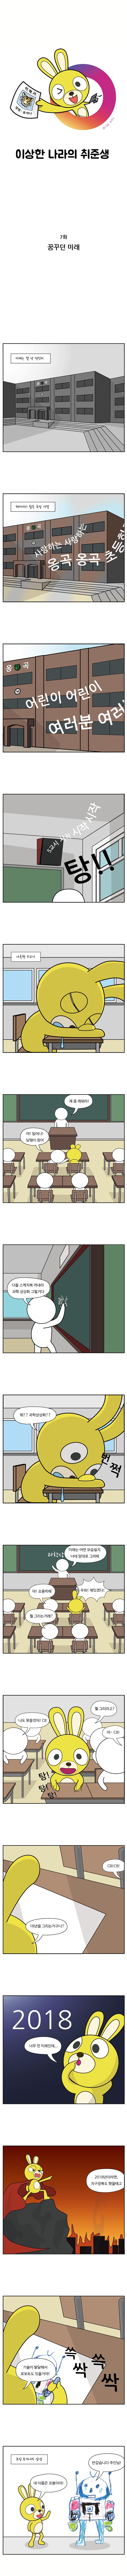 이상한나라의취준생_7화_01.jpg